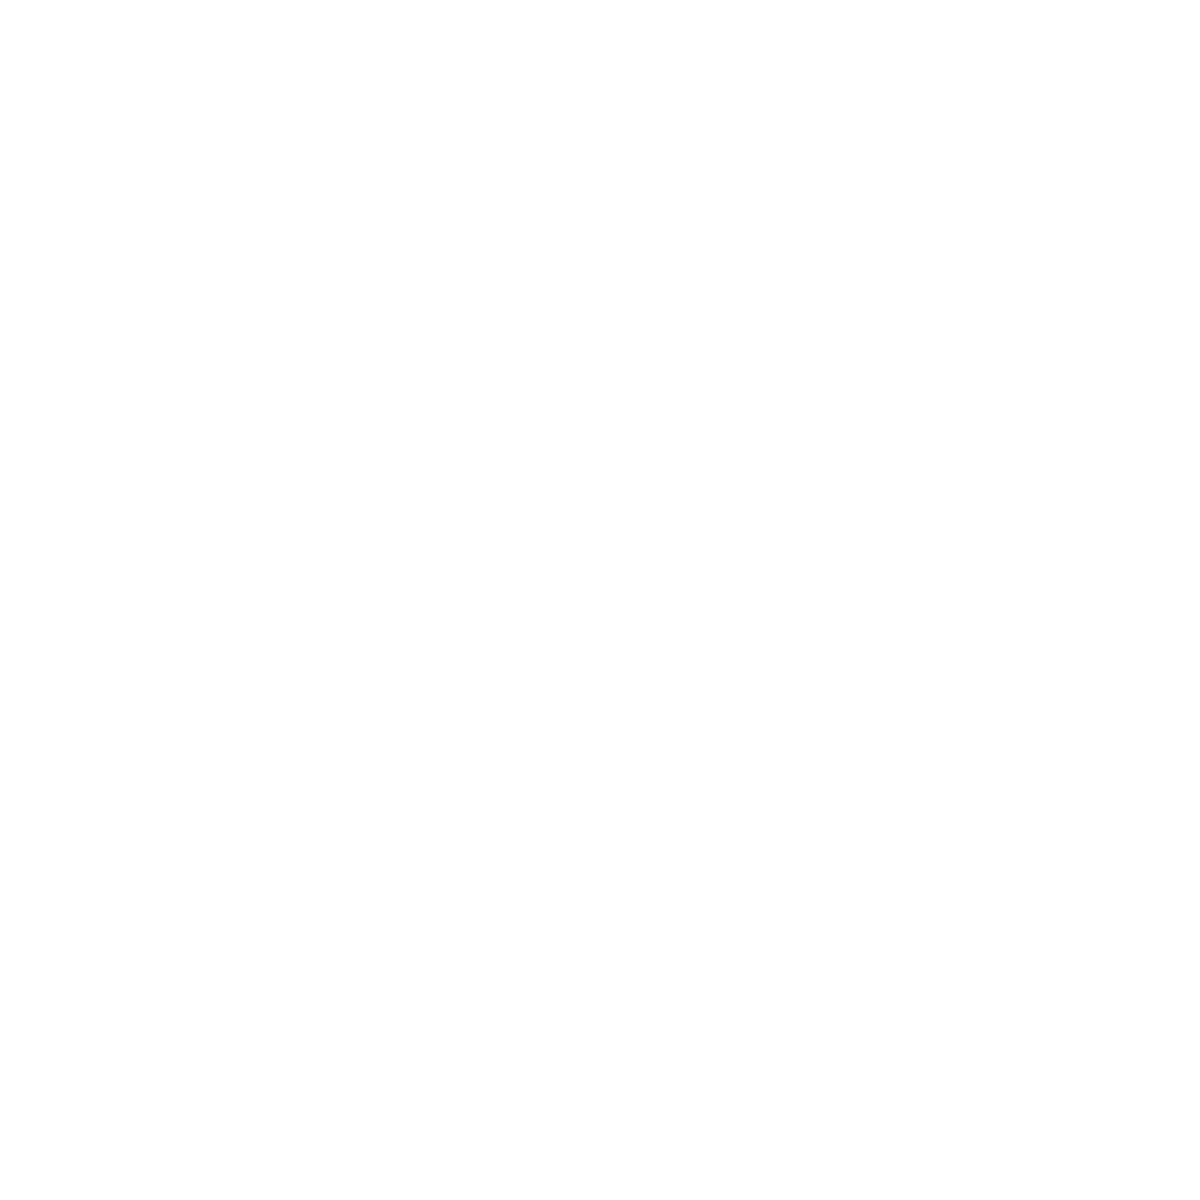 Isachsen bilde elise sophie naken Derfor vil